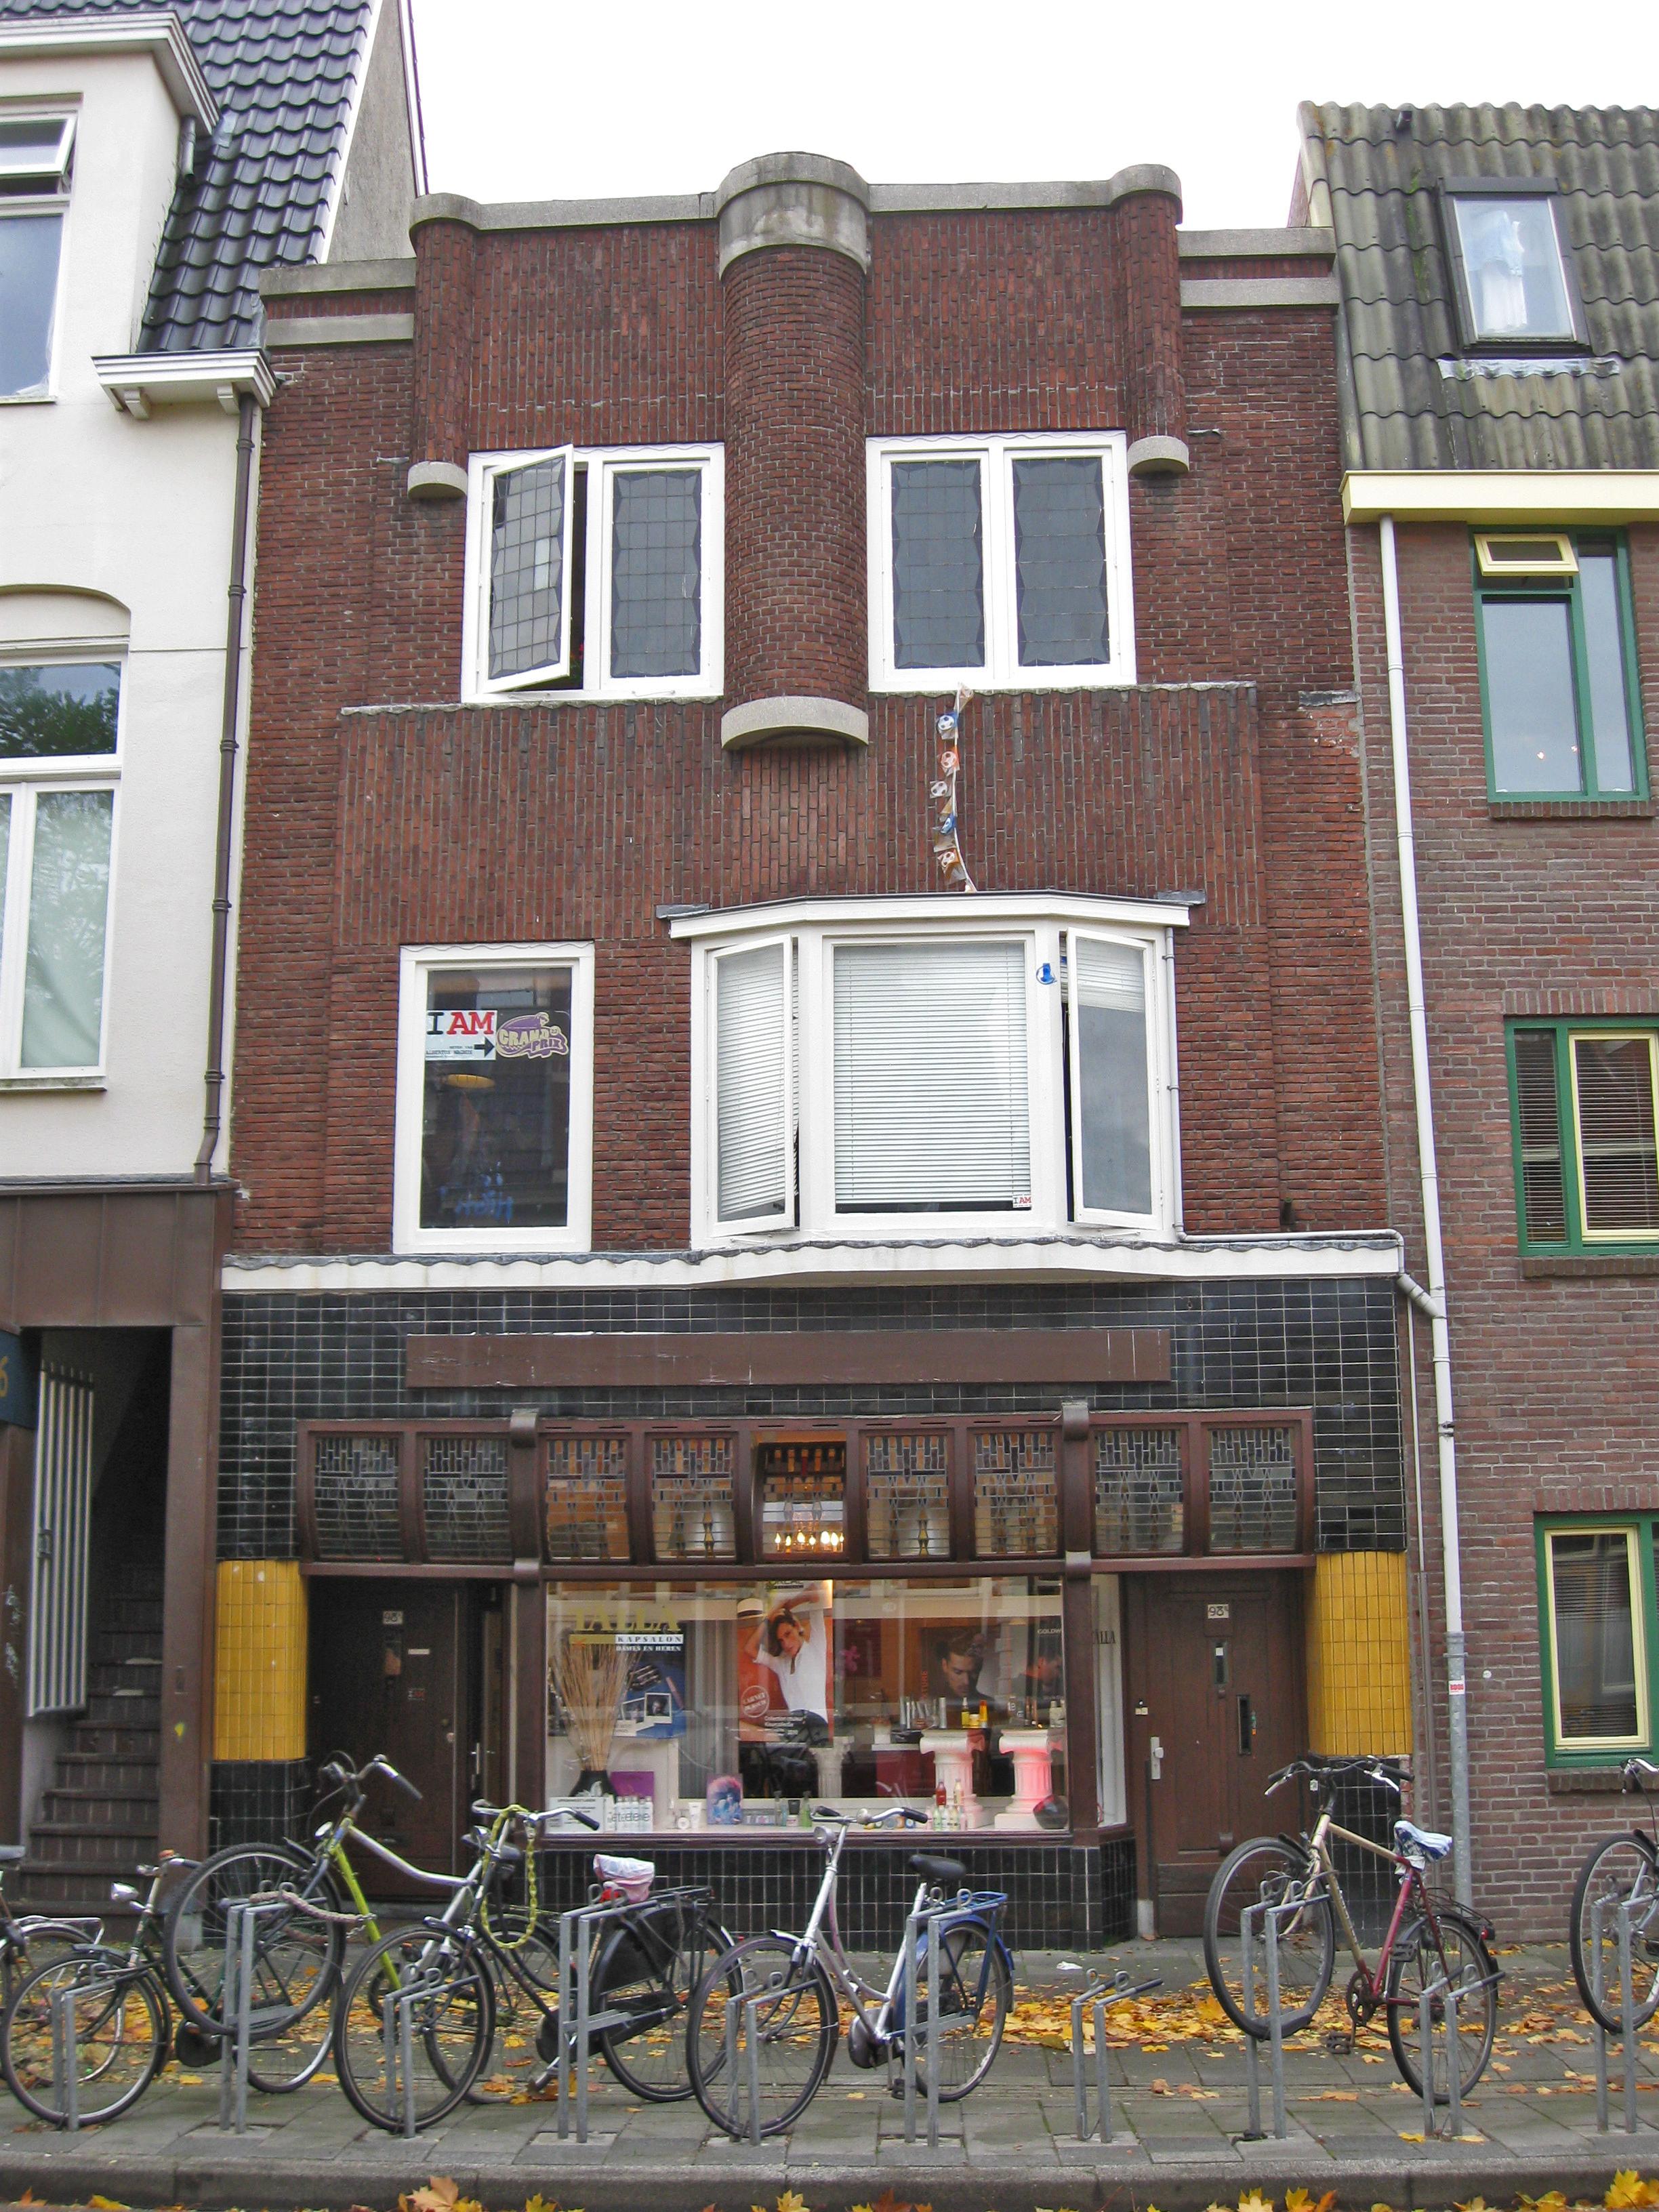 Winkelwoonhuis met kenmerken van de amsterdamse school en de art d co stijl in groningen - Kamer deco stijl ...